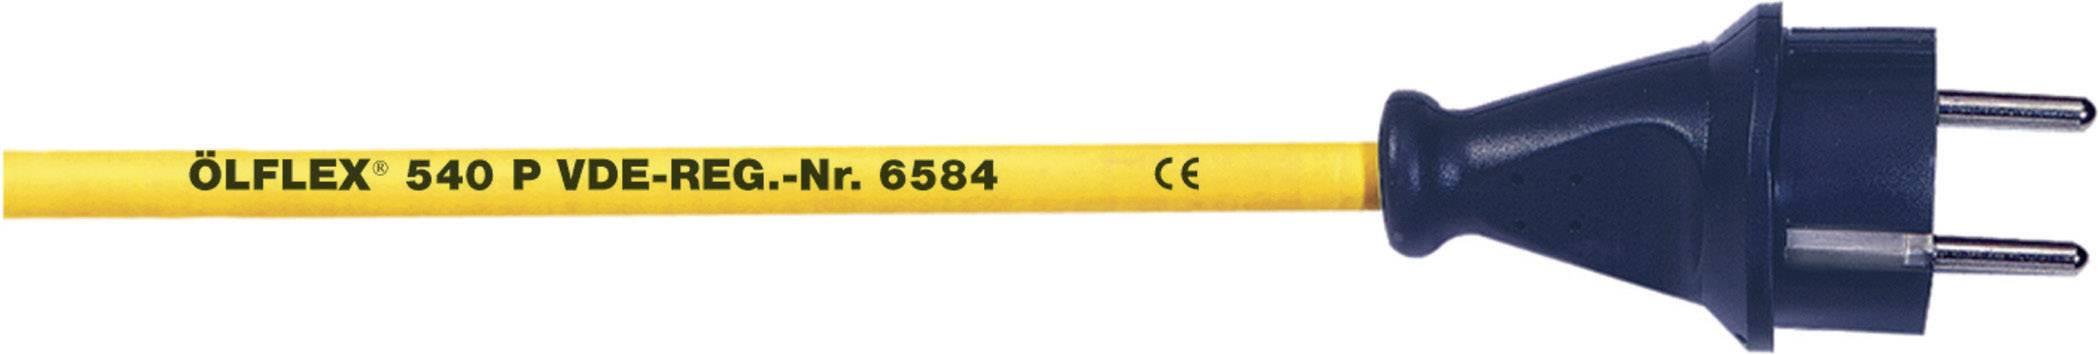 Připojovací kabel NETZFLEXR 3G1,0 5000